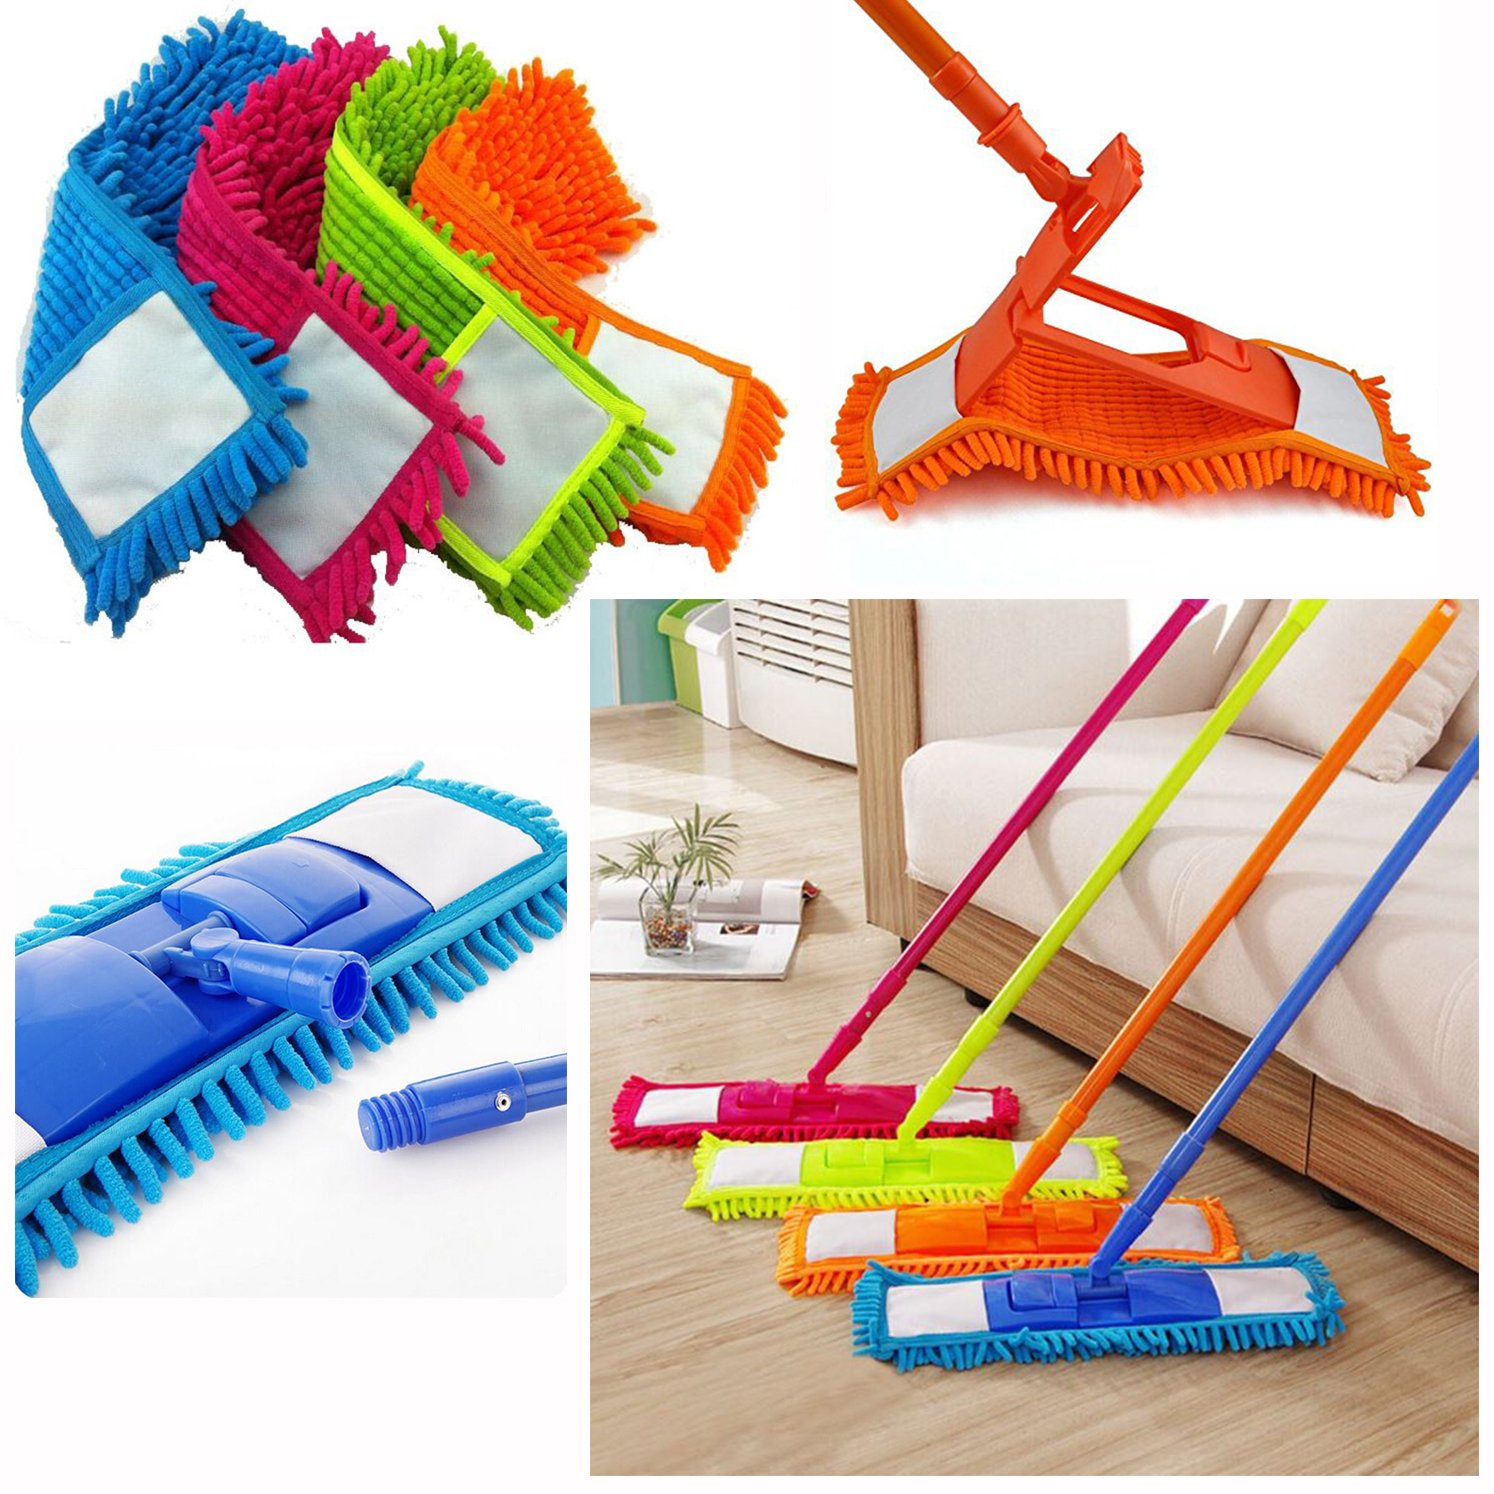 Panni di ricambio per mocio in microfibra, lavabili, per pulire i pavimenti e per spolverare, torcia a LED gratuita inclusa BLUE Mop GETTIT